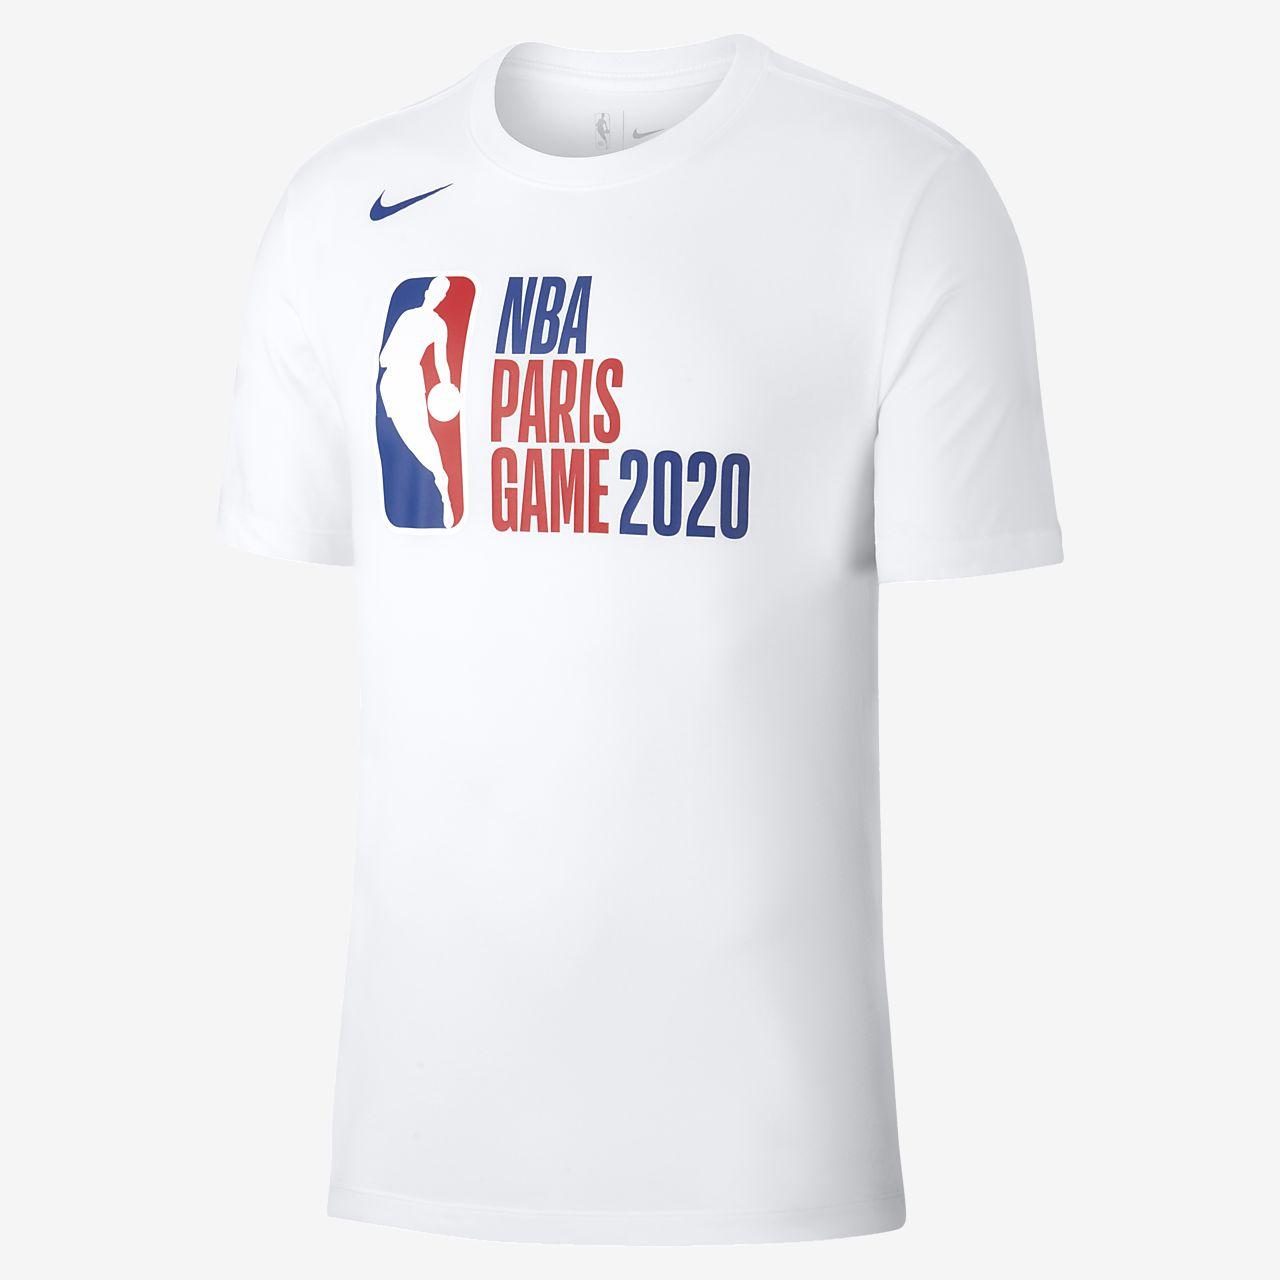 Playera para hombre Nike NBA Paris Game 2020